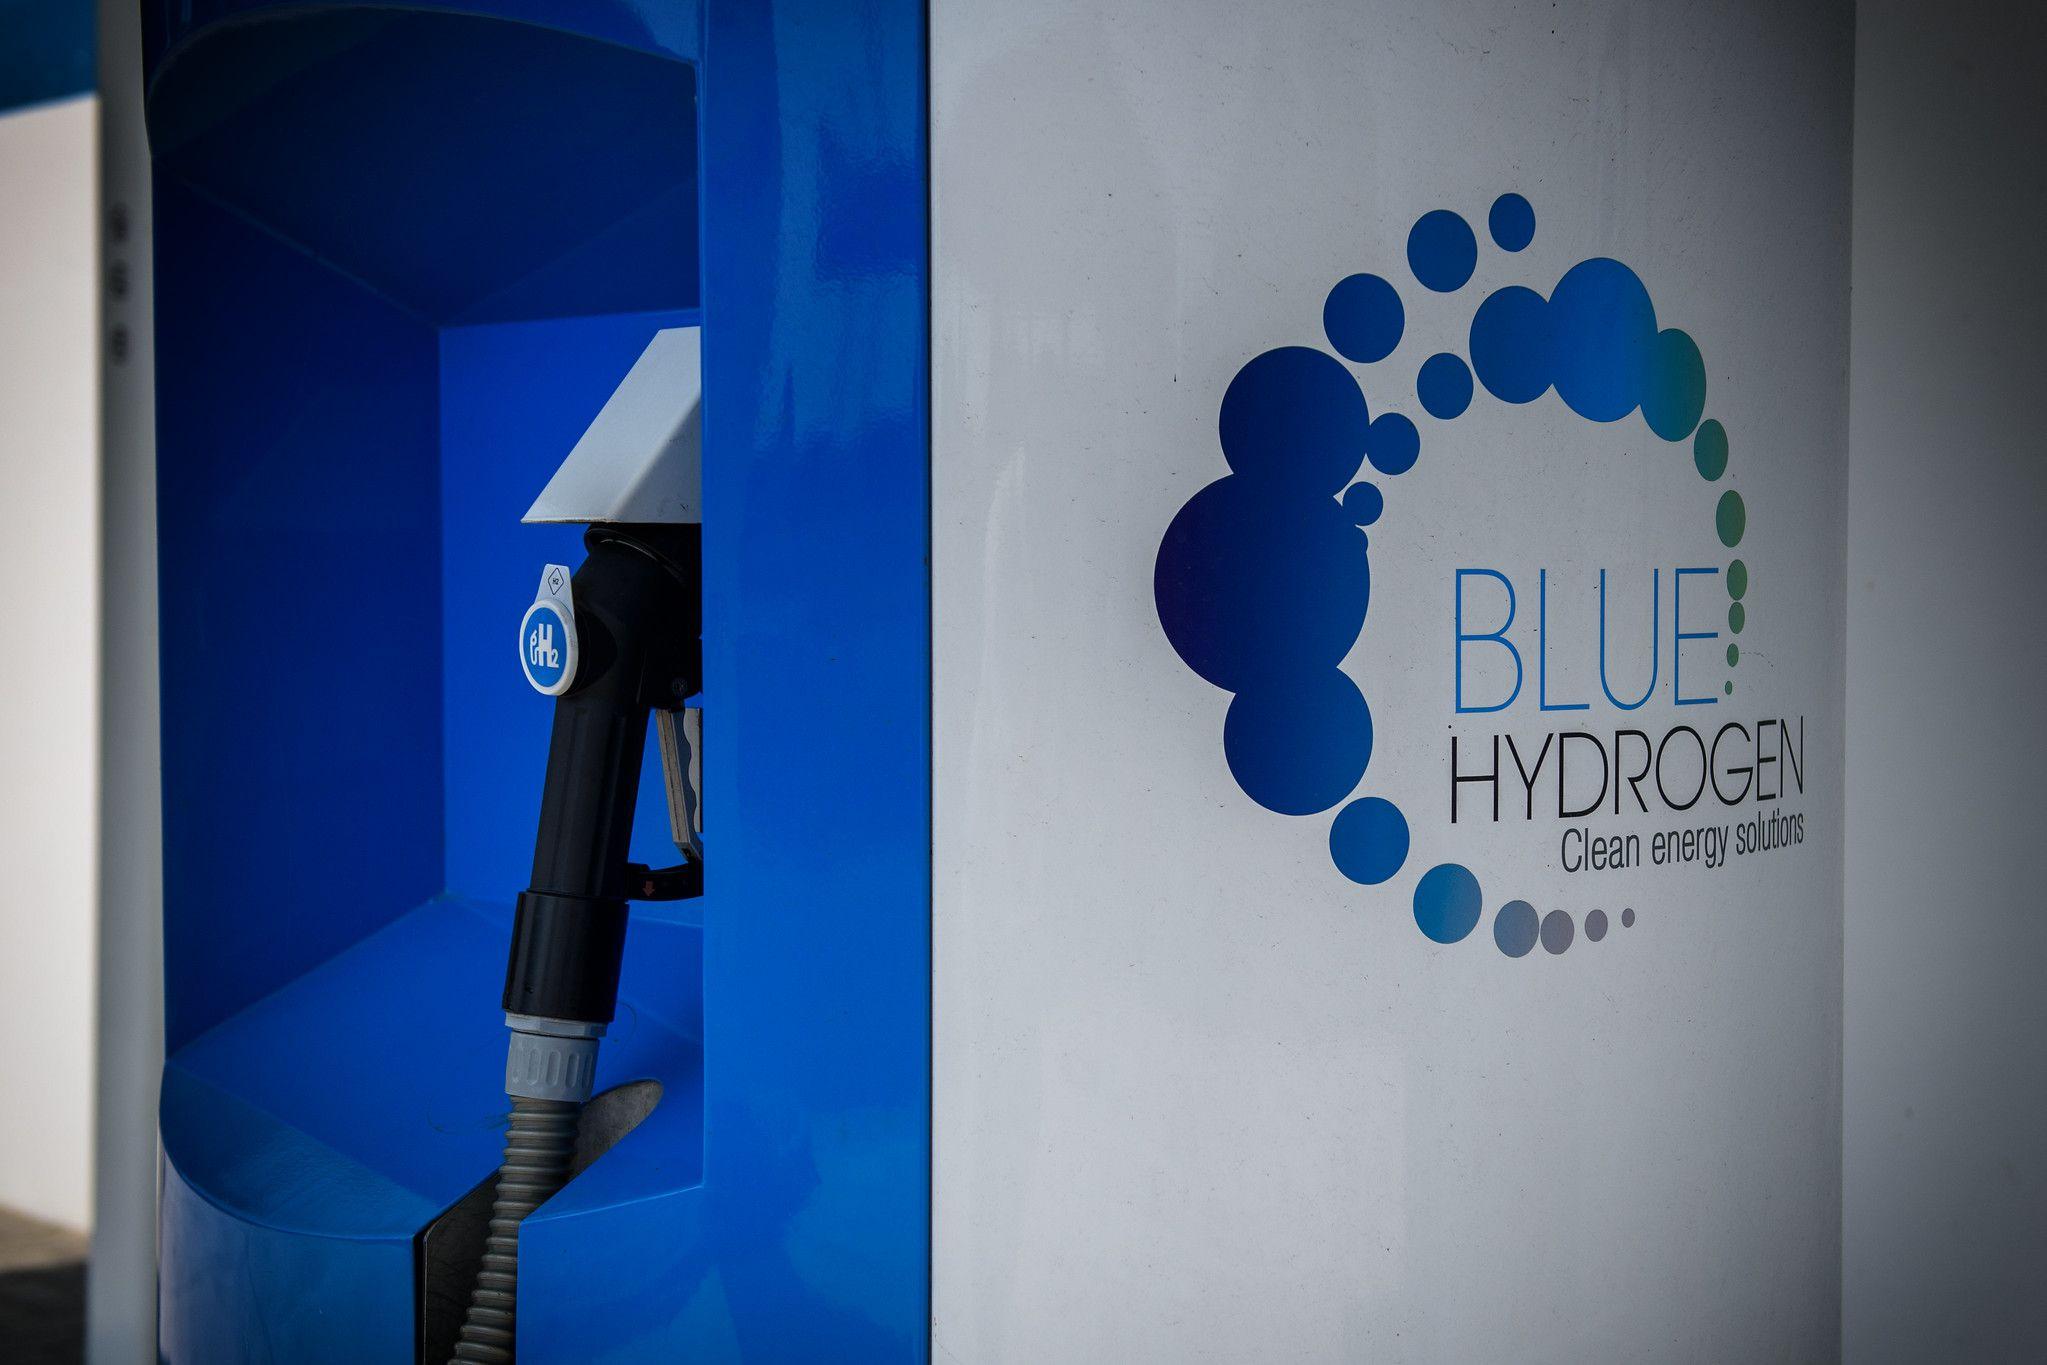 Mit Wasserstofftechnologie zur Nummer 1 in der Welt